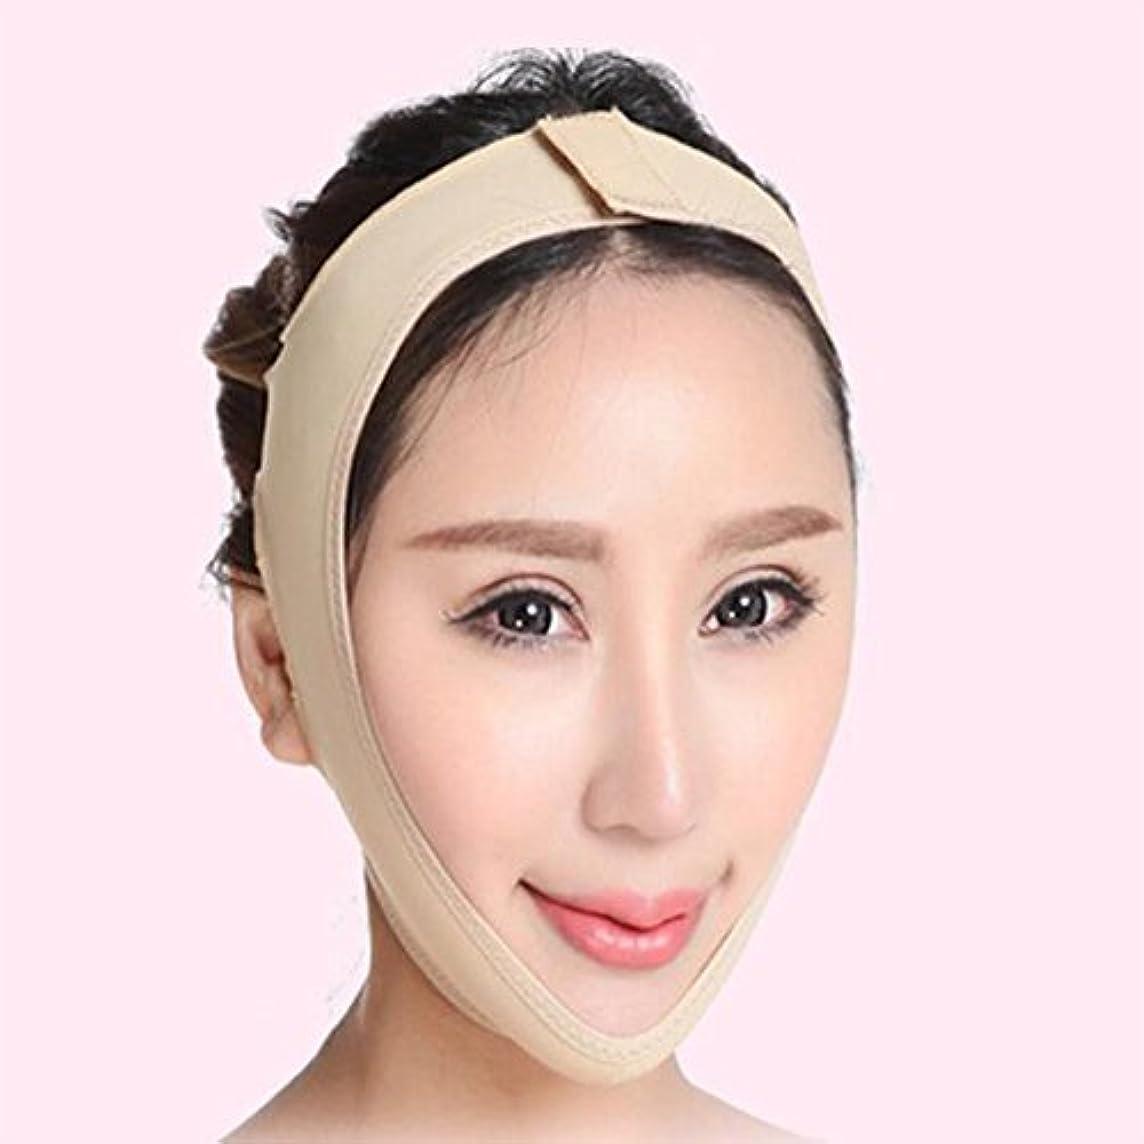 端末甘やかす地平線SD 小顔 小顔マスク リフトアップ マスク フェイスライン 矯正 あご シャープ メンズ レディース Sサイズ AZD15003-S